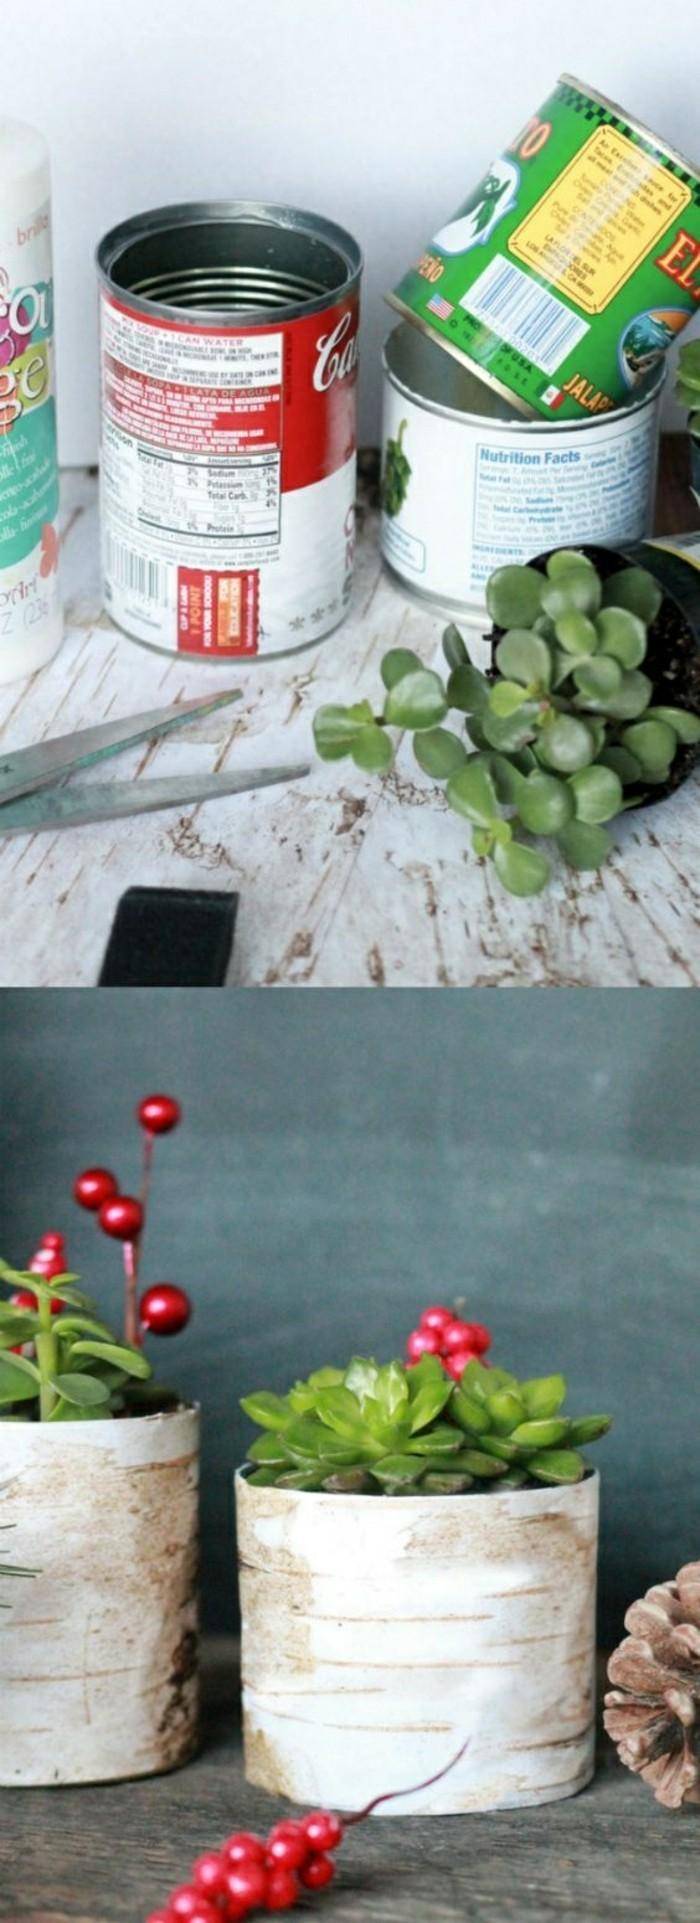 idee-storage-conservazione-piantine-barattolo-latta-decorato-forbici-bacche-rosse-piantine-grasse